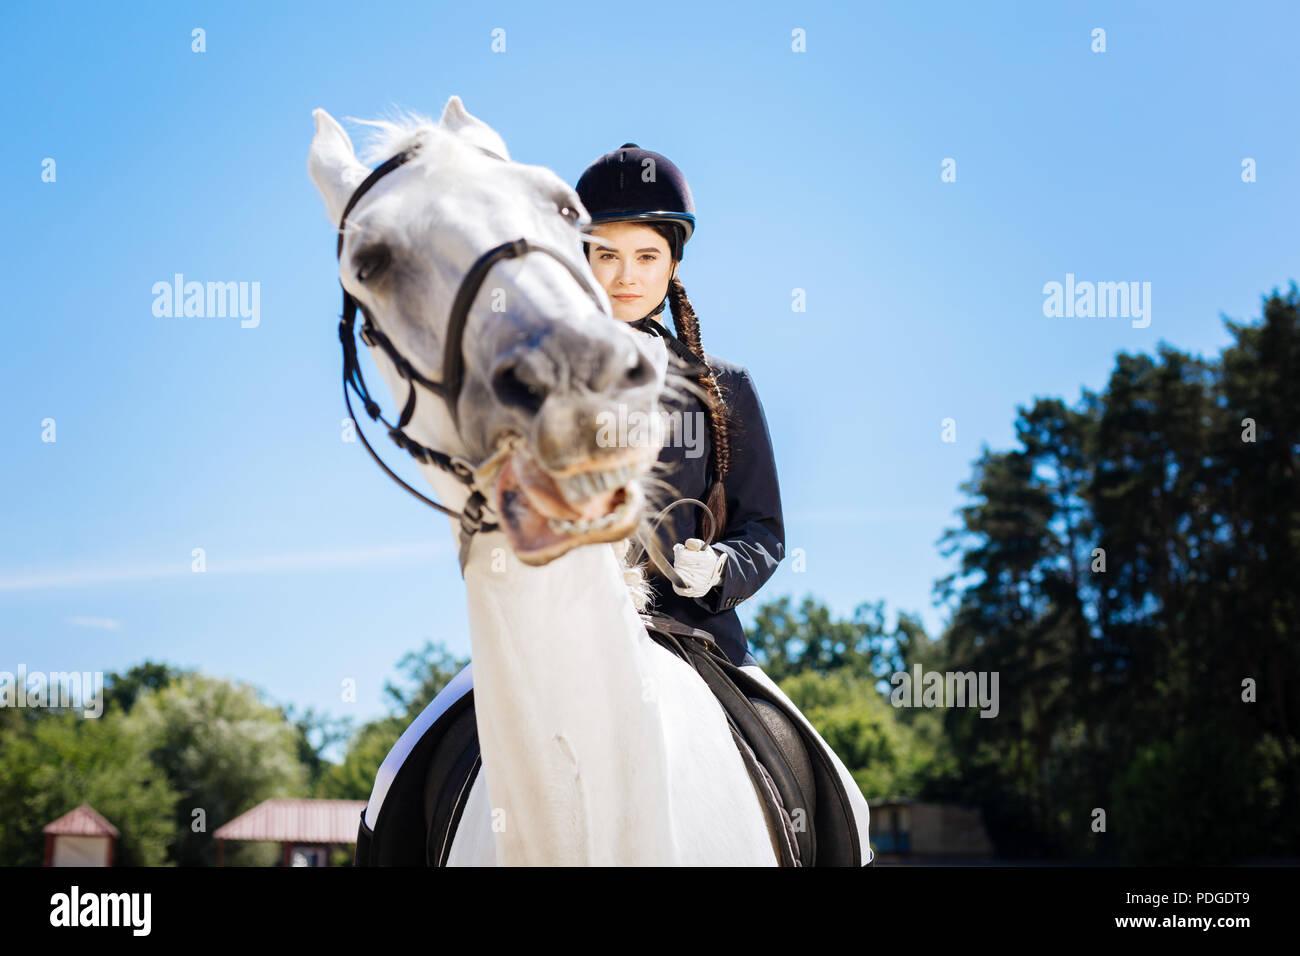 Reiterin mit langen Zopf tragen Helm reiten ihr Pferd Stockbild